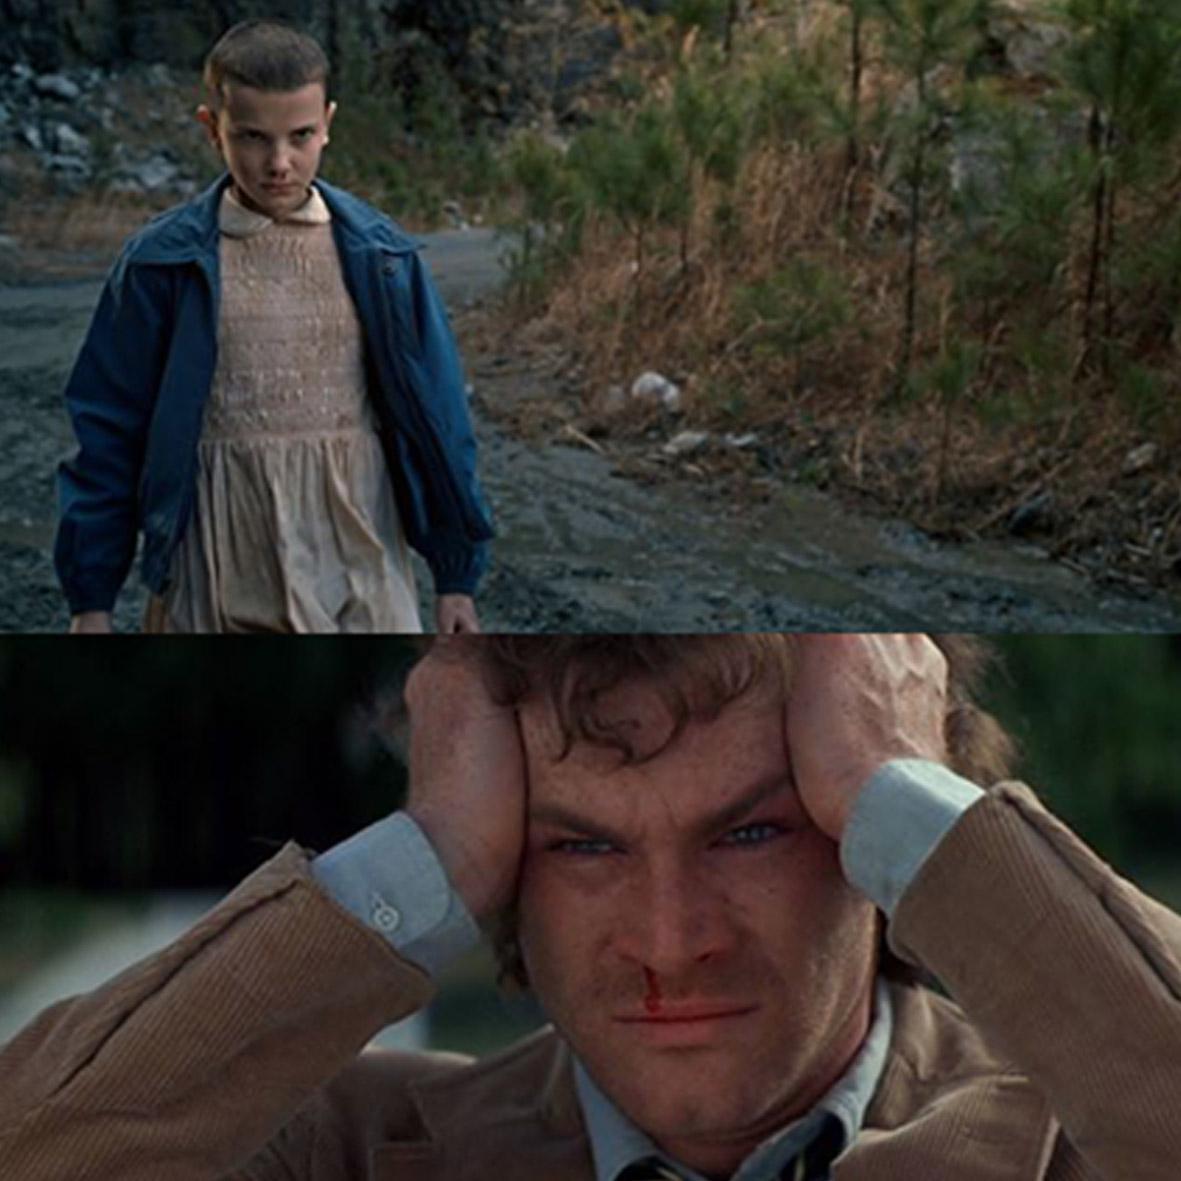 """Recenzja serialu """"Stranger Things"""" (2016), reż. Matt Duffer, Ross Duffer"""